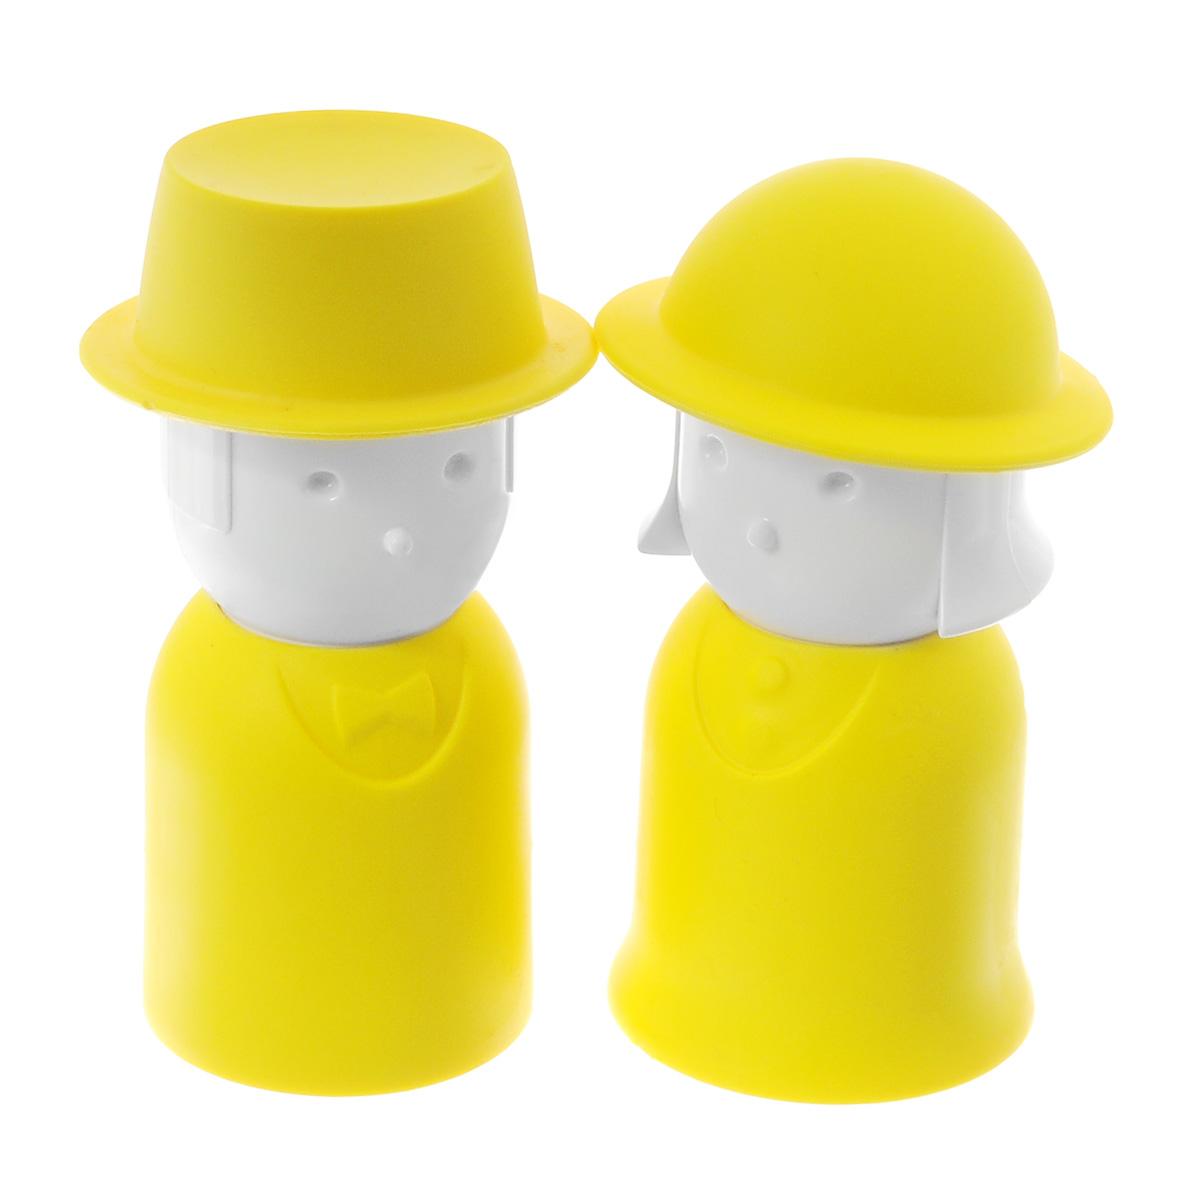 Набор для специй Qualy Mr. Pepper & Mrs. Salt, цвет: желтый, 2 предметаQL10054-YWНабор Qualy Mr. Pepper & Mrs. Salt, состоящий из солонки и перечницы, изготовлен из пластика с прорезиненным покрытием. Емкости выполнены в виде человечков и оснащены крышками. Солонка и перечница легки в использовании: стоит только перевернуть емкости, и вы с легкостью сможете поперчить или добавить соль по вкусу в любое блюдо. Дизайн, эстетичность и функциональность набора позволят ему стать достойным дополнением к кухонному инвентарю.